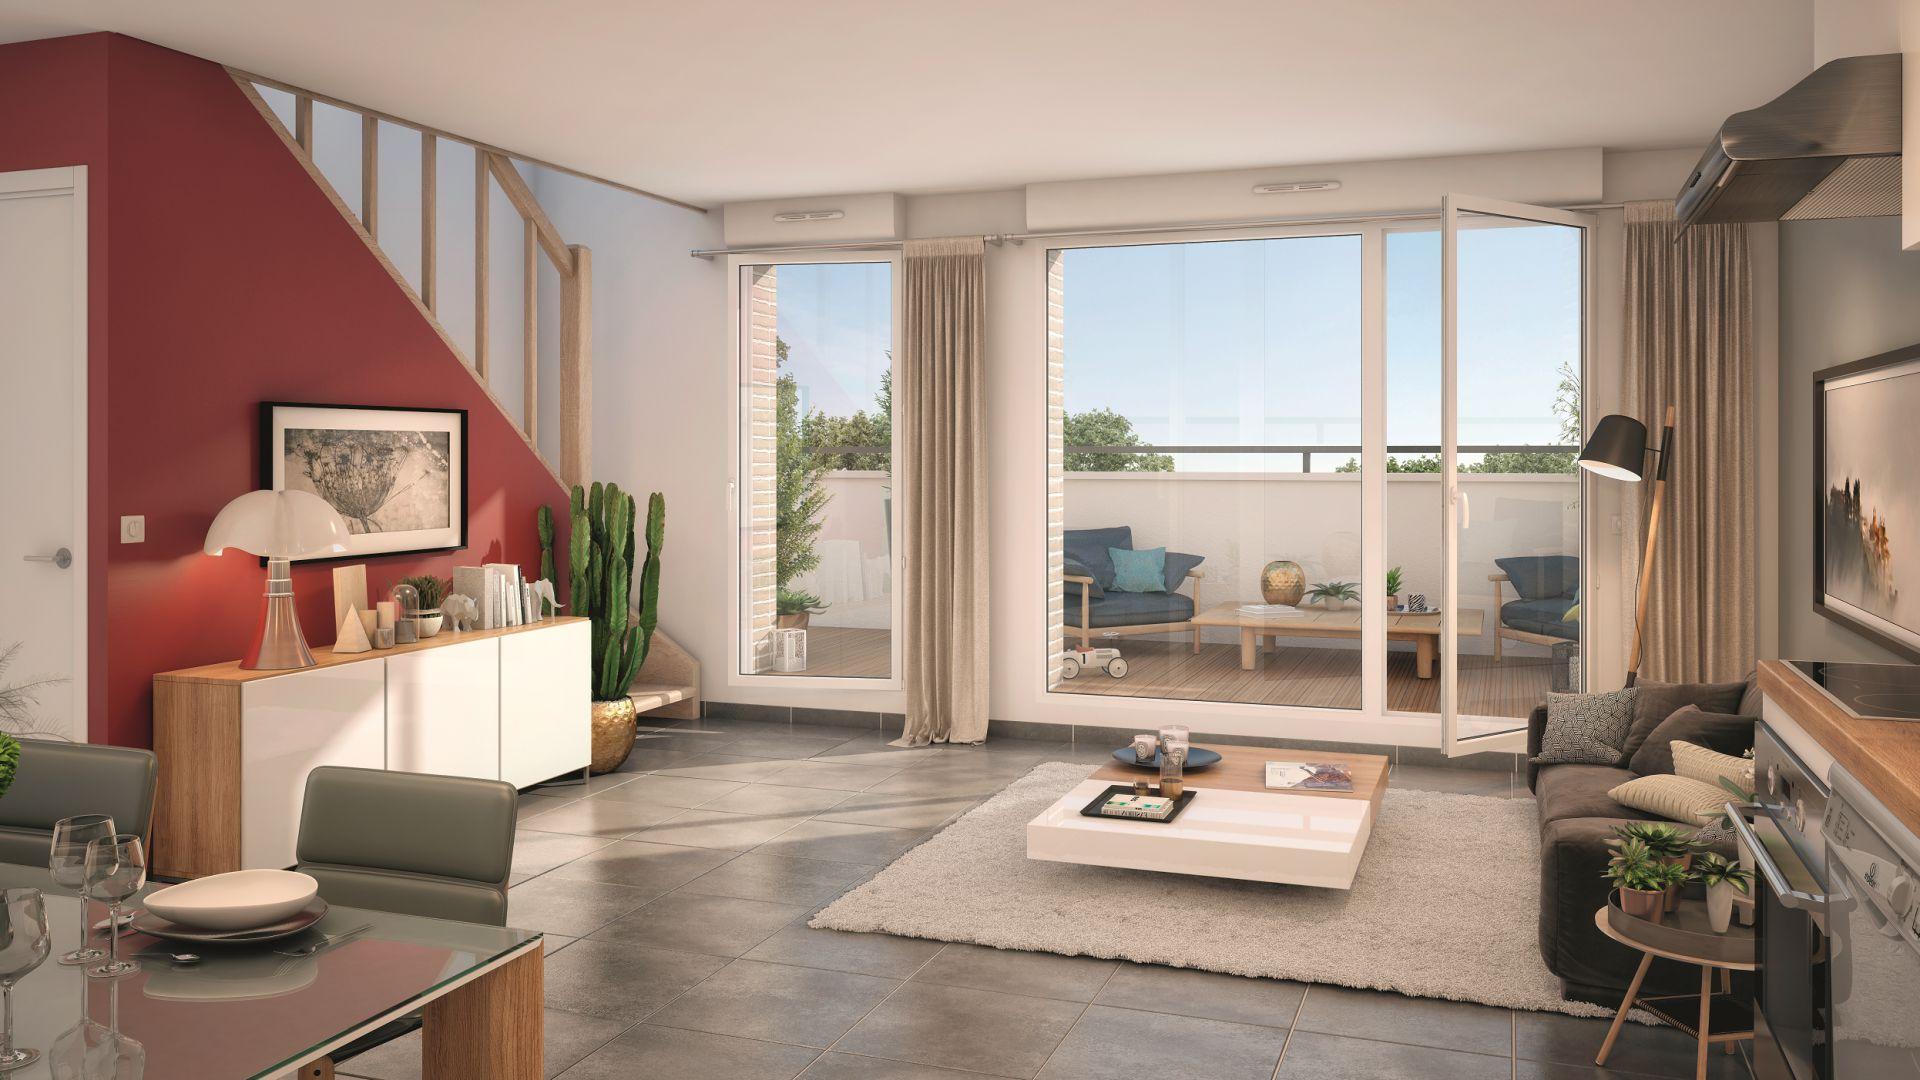 GreenCity immobilier - Livry-Gargan - 93190 - appartements du T1Bis au T3 Duplex - vue intérieure